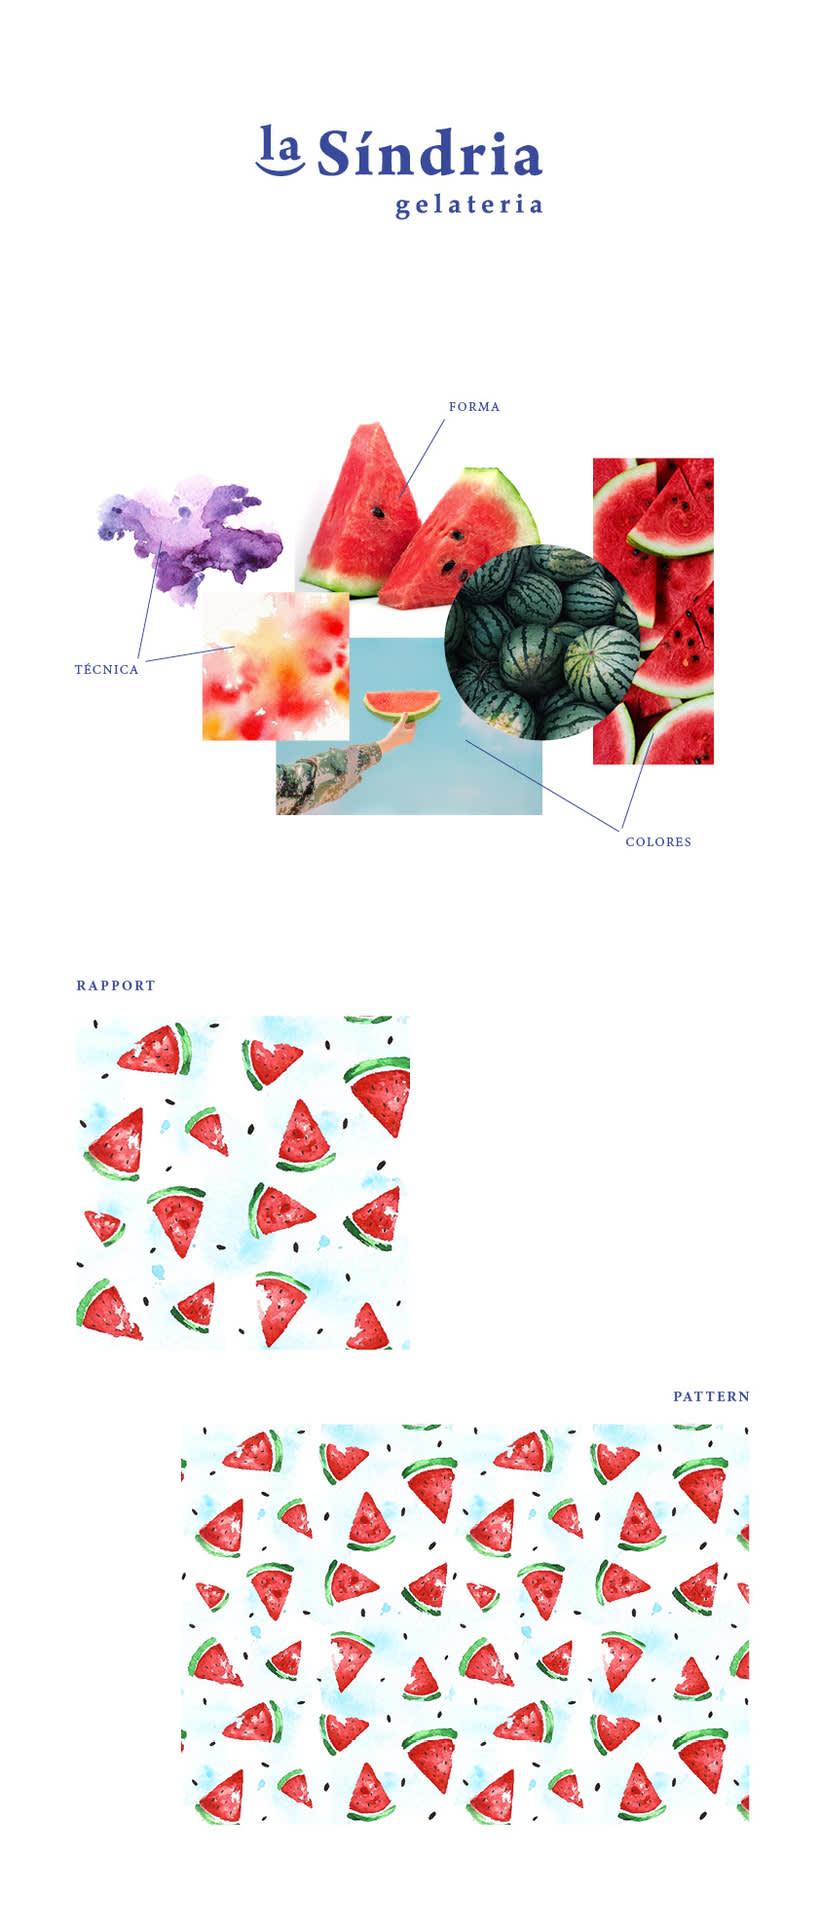 Marca de heladería + pattern sandías 1